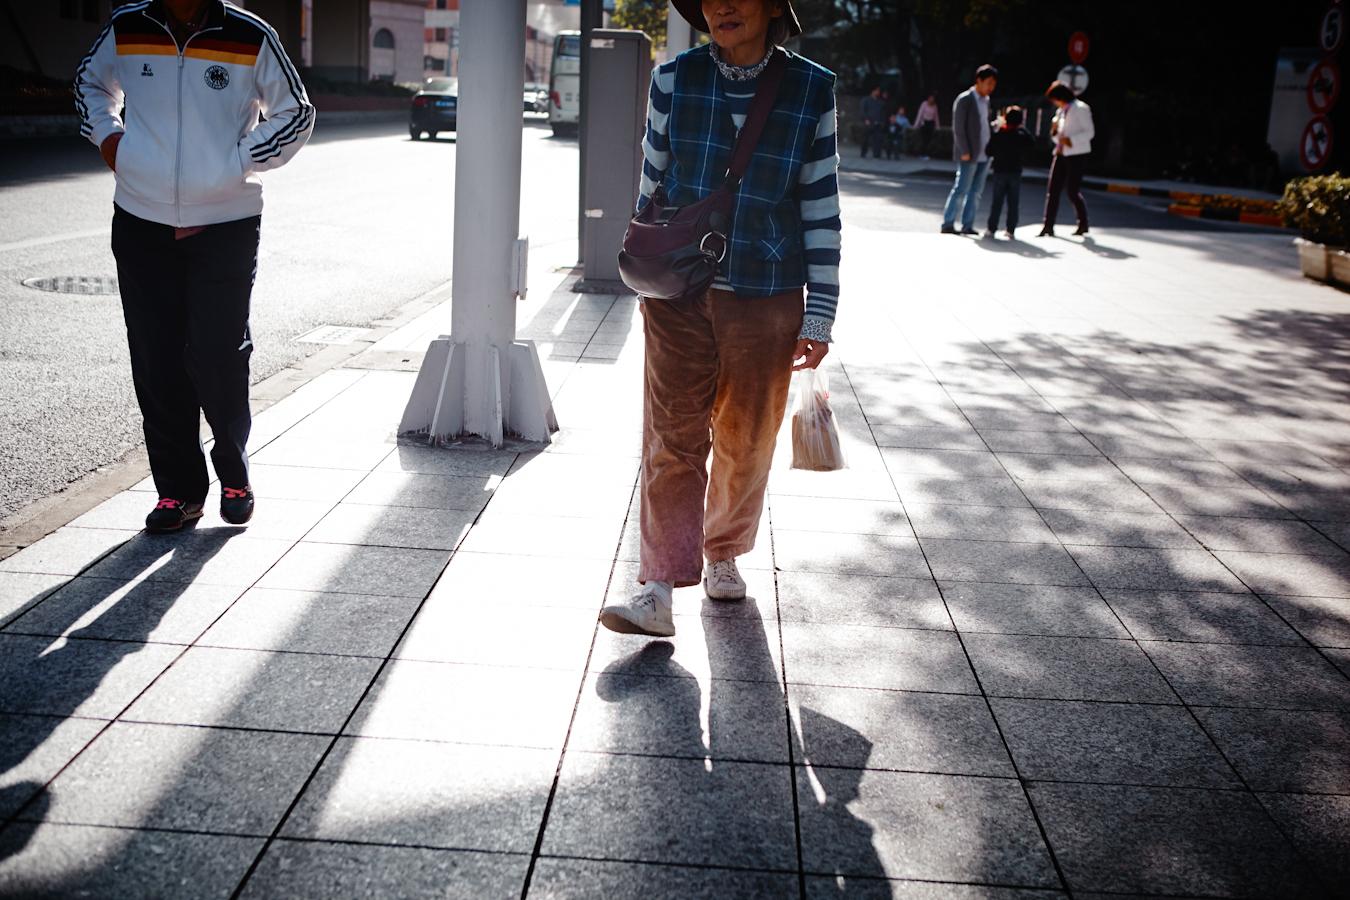 shanghai_essentials_ben_hupfer-010.jpg